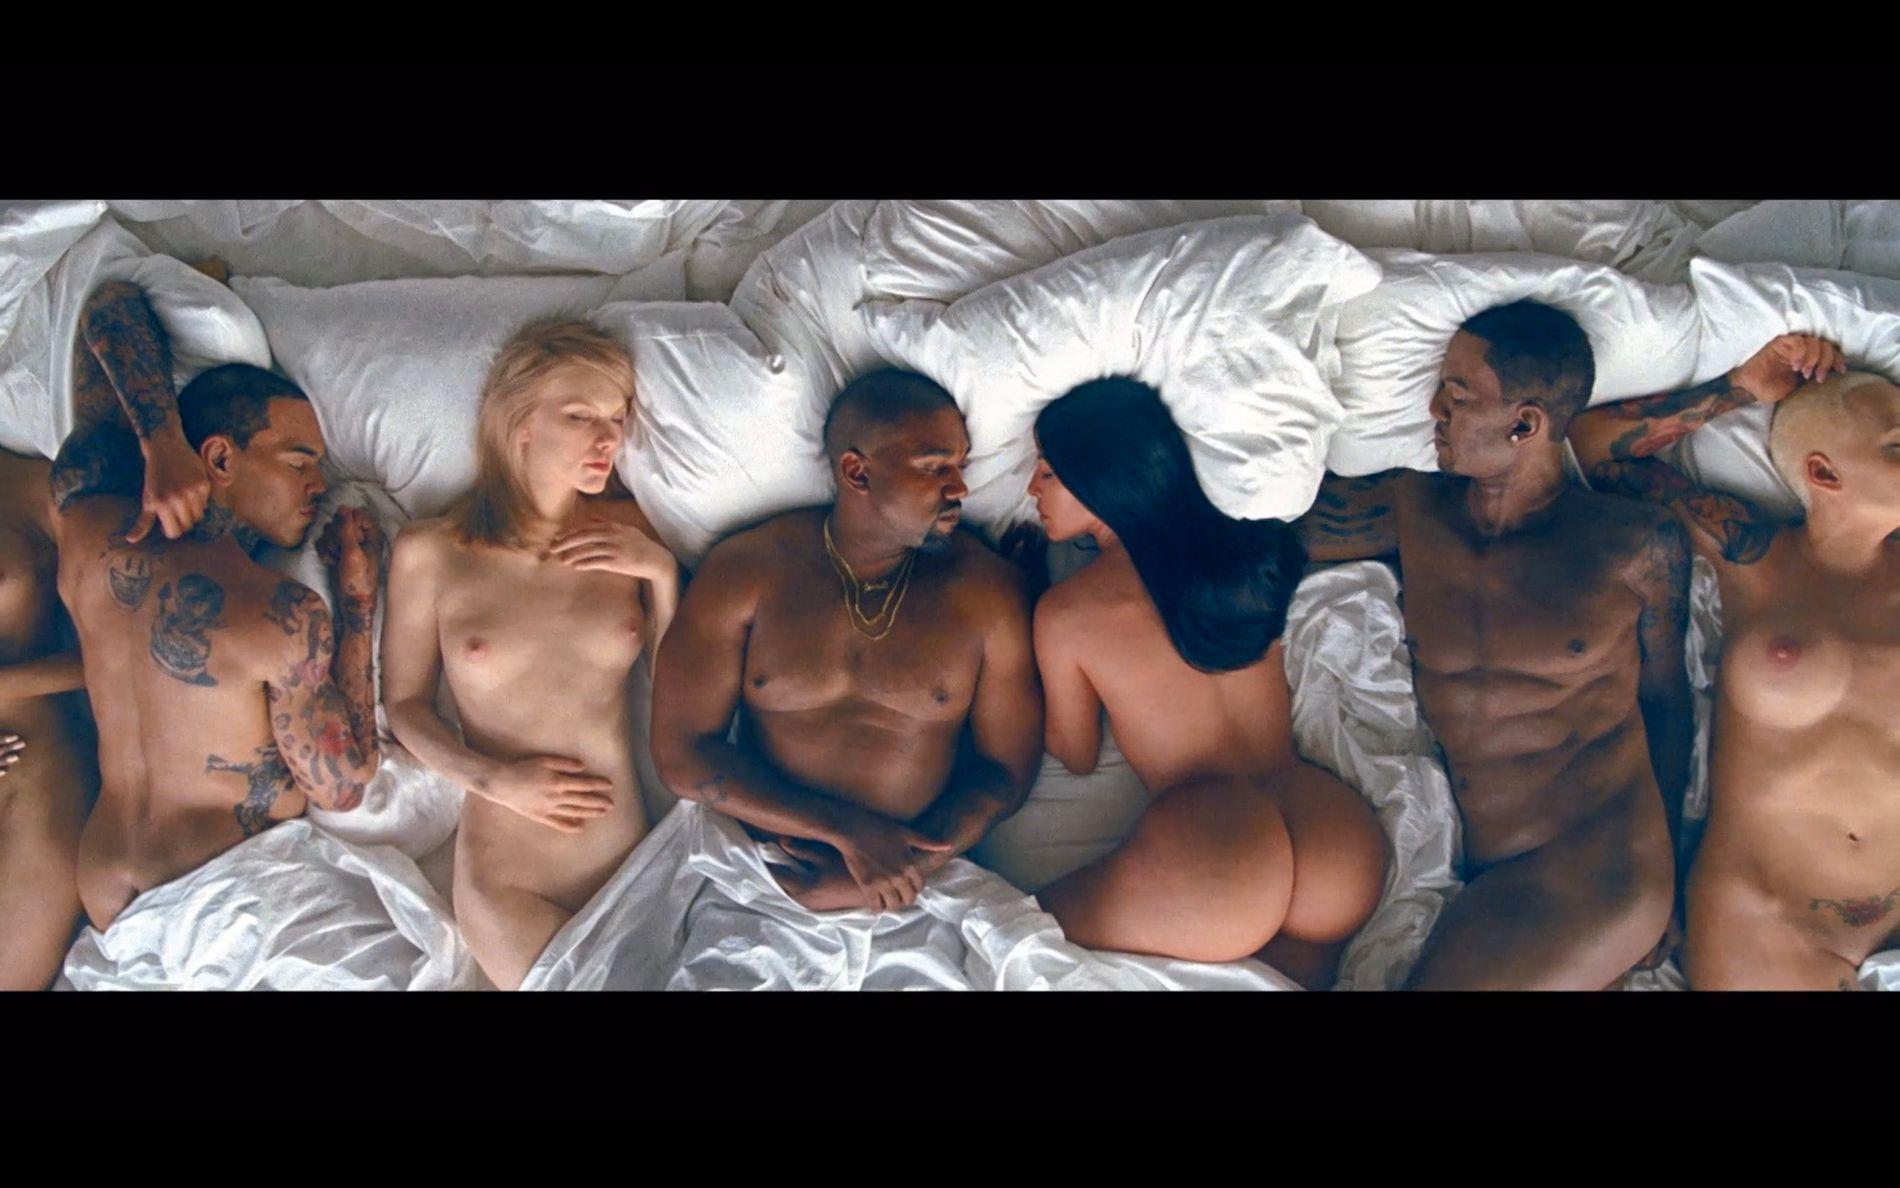 HISTORIE: De fleste kjendisene som ligger i senga har en historie med Kanye West eller kona hans Kim Kardashian.